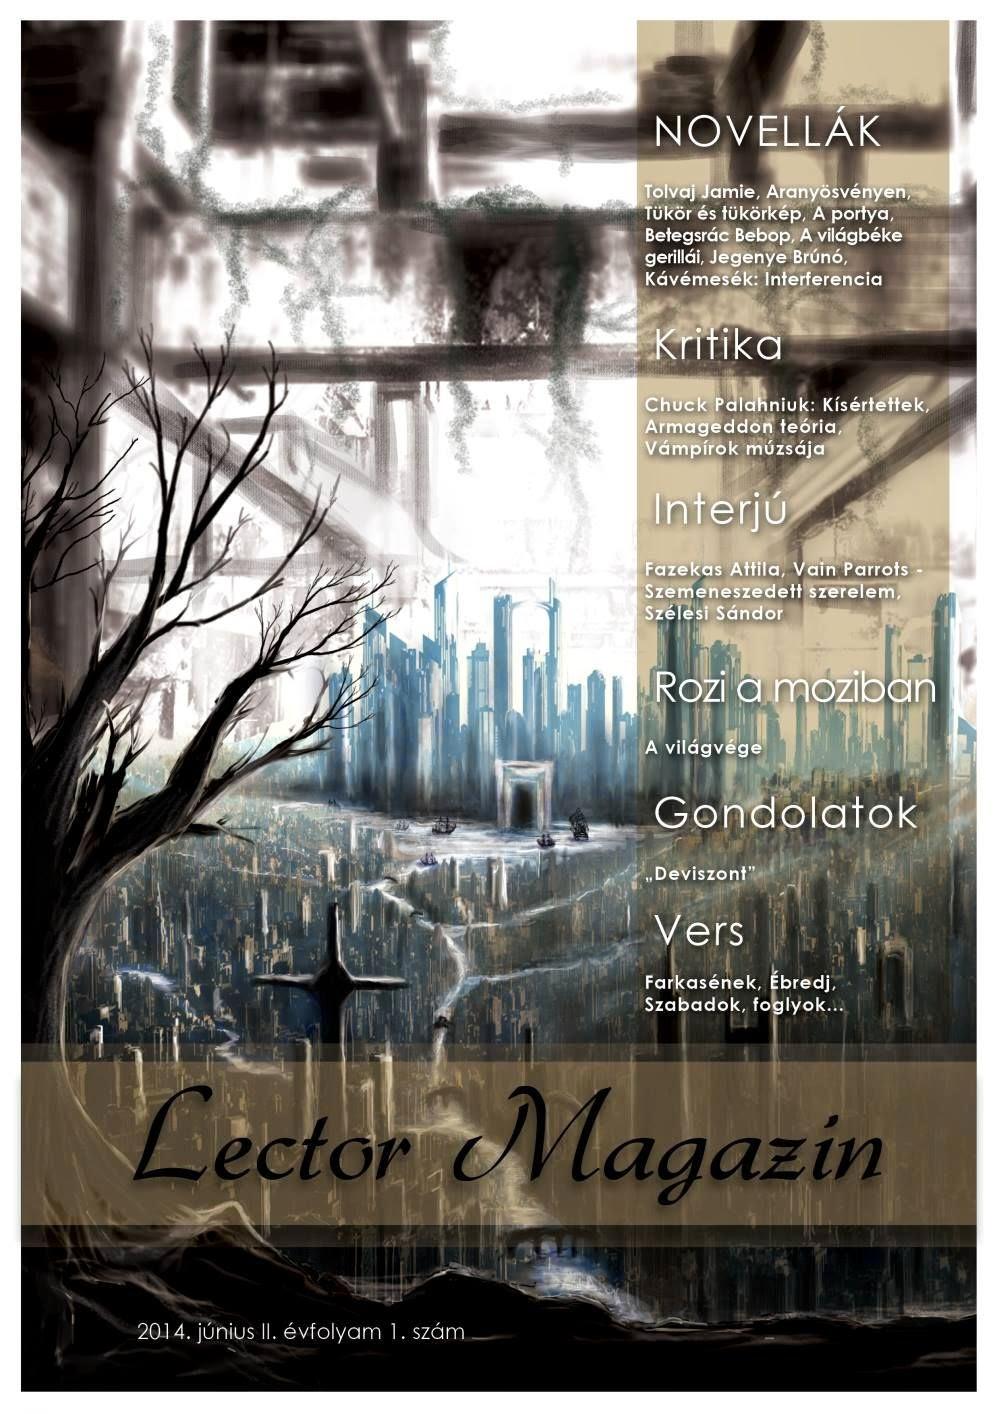 Lector Magazin 4. szám